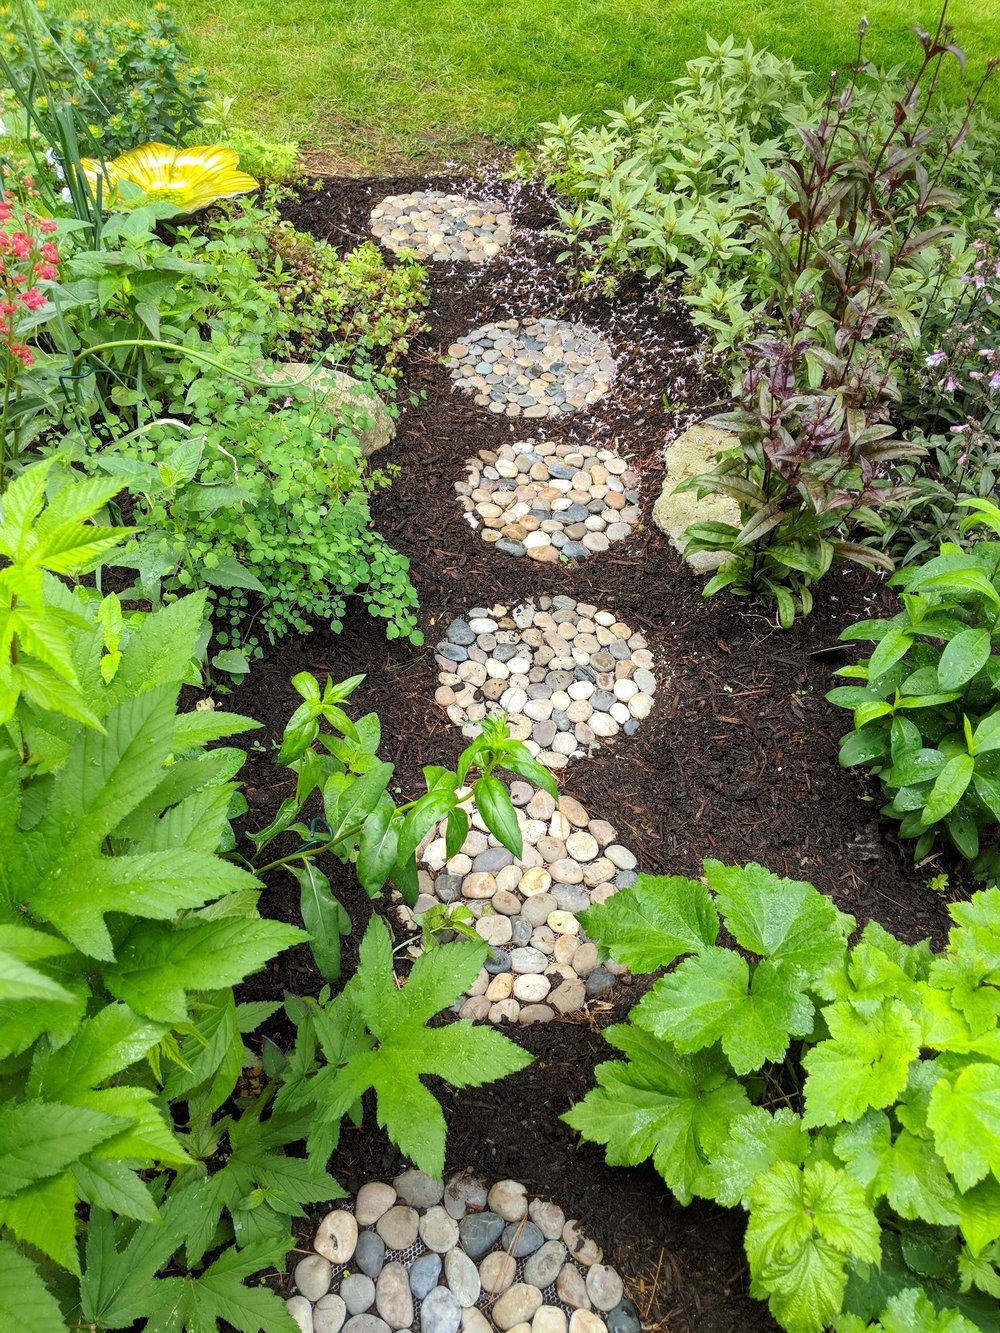 Jun 5: This lush garden has awakened